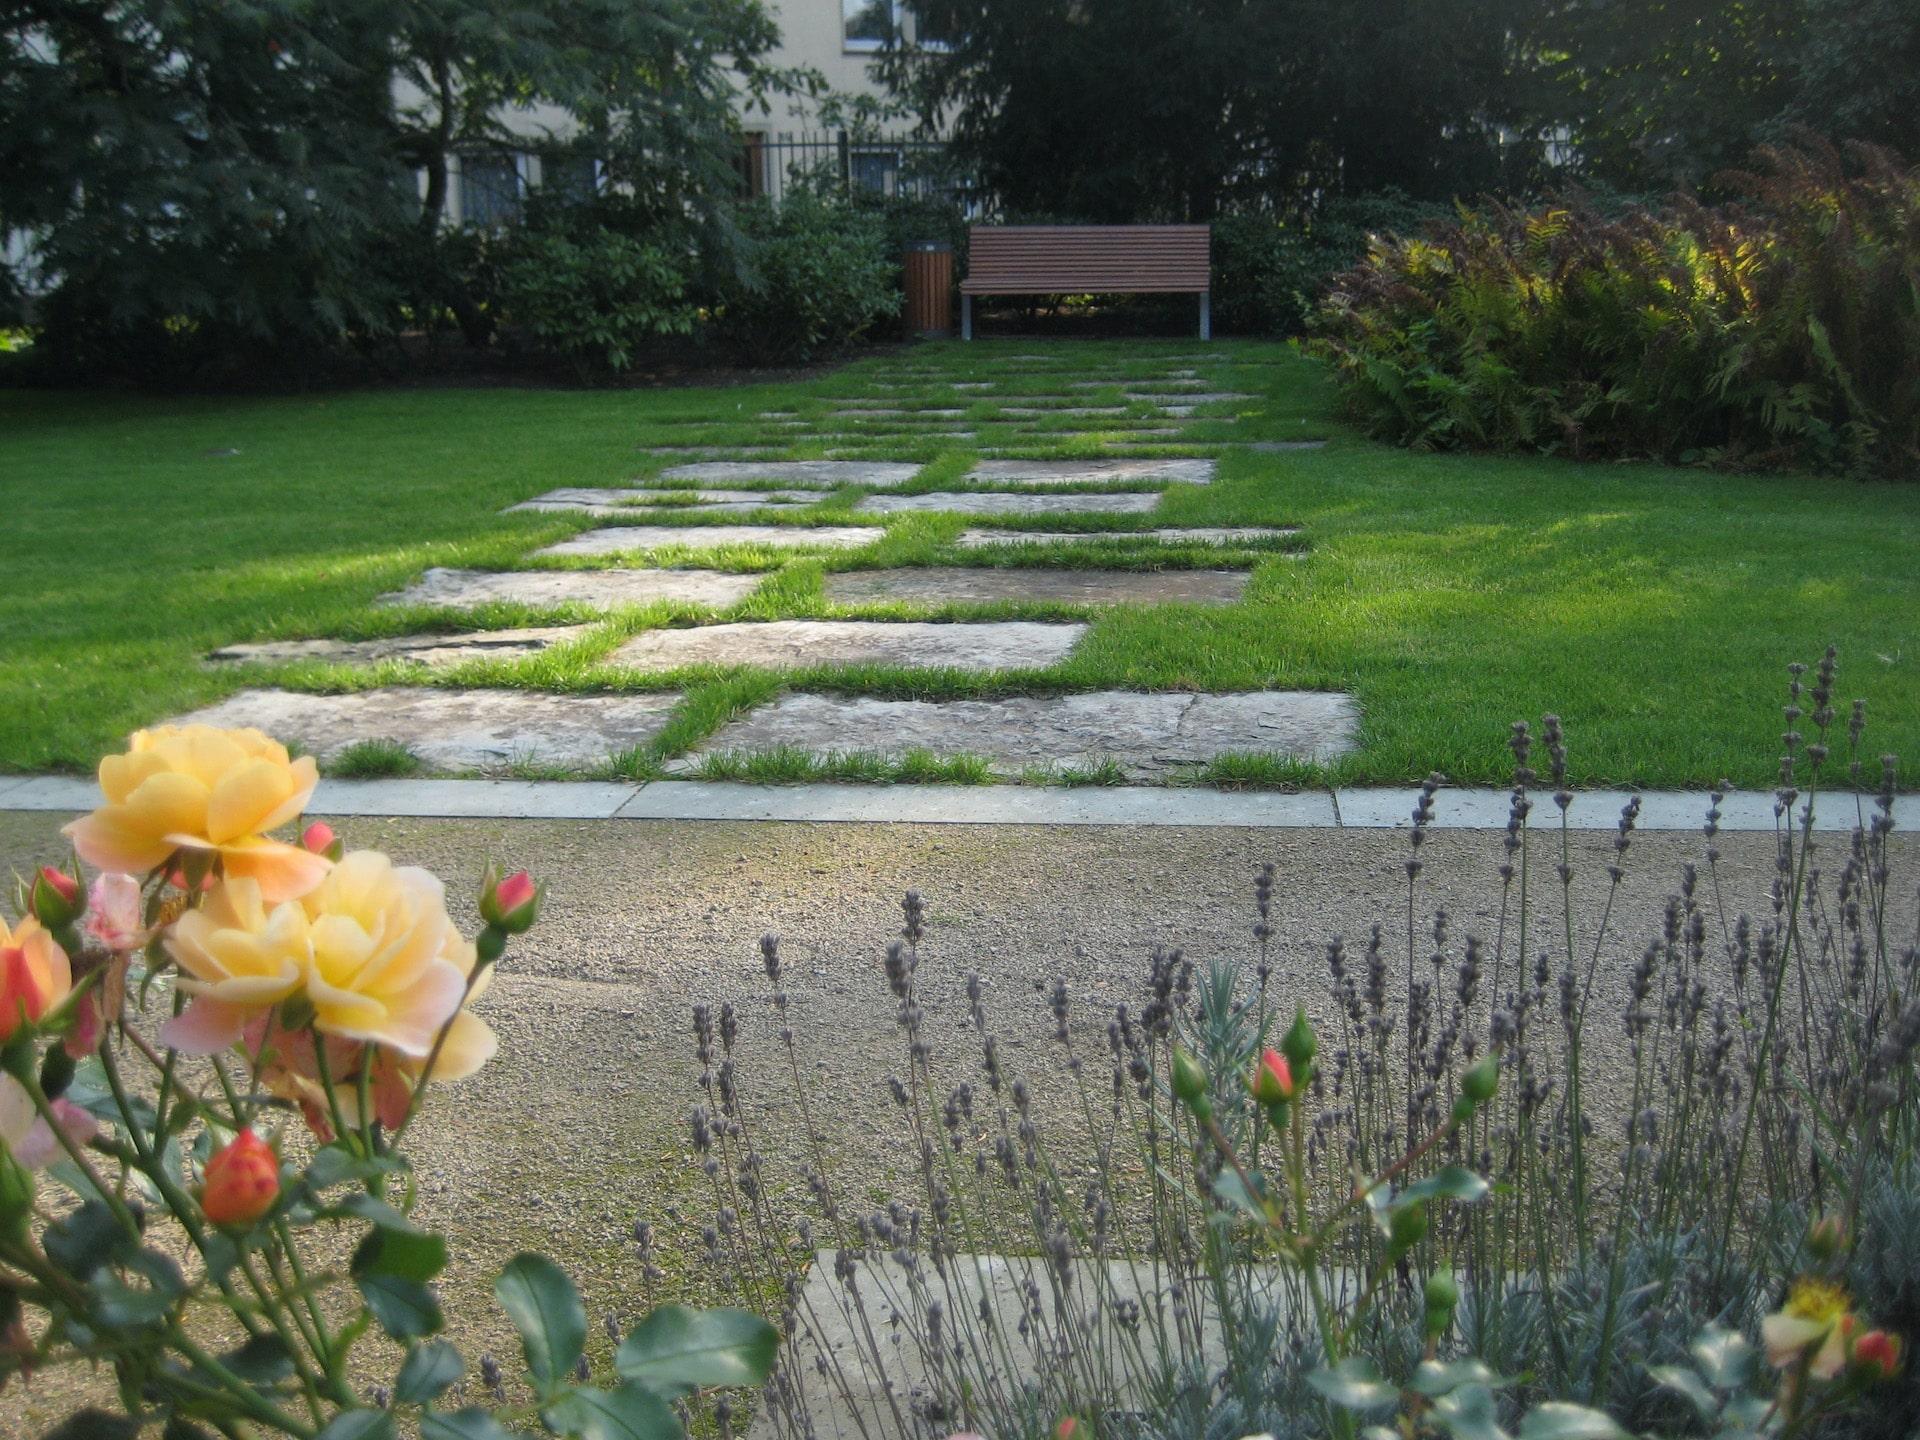 Drostengarten Trittplatten im Rasen